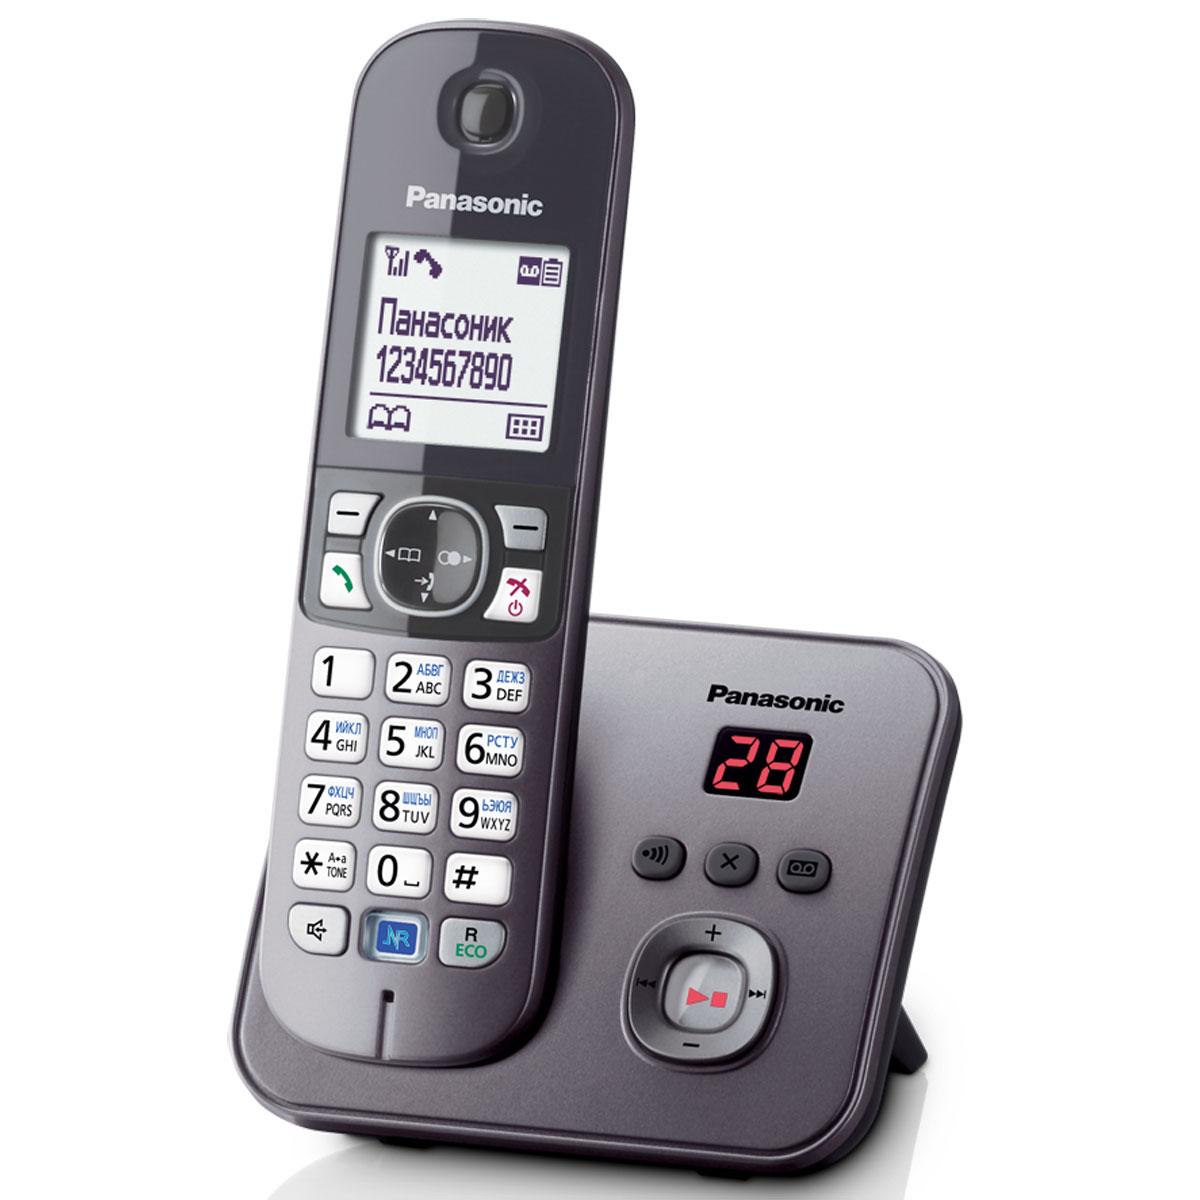 Panasonic KX-TG6821 RUM DECT телефонKX-TG6821RUMКомпактный и удобный радиотелефон Panasonic KX-TG6821RUM сделает разговоры дома и в офисе комфортными и удобными. Качество связи остается превосходным на расстоянии 50 метров от базы в квартире и 300 метров на открытом пространстве. Модель оснащена опцией ID Caller, автоматически определяющей номера входящих вызовов. Система быстрого набора позволяет быстро выбрать нужный контакт, сохраненный в памяти телефона или записной книжке. Panasonic KX-TG6821RUM имеет функцию автоответчика с возможностью записи до 30 минут. Специальная кнопка на базе позволяет отыскать потерянную трубку. Помимо стандартных функций, аппарат обладает системой Радионяня, фиксирующей звуки в детской комнате, а также ночным режимом, которые не позволит звонку побеспокоить хозяина в момент сна. блокировка клавиатурырусифицированное менючасы, дата на дисплеебудильник с повторным сигналом и установкой по дням неделиповторный набор